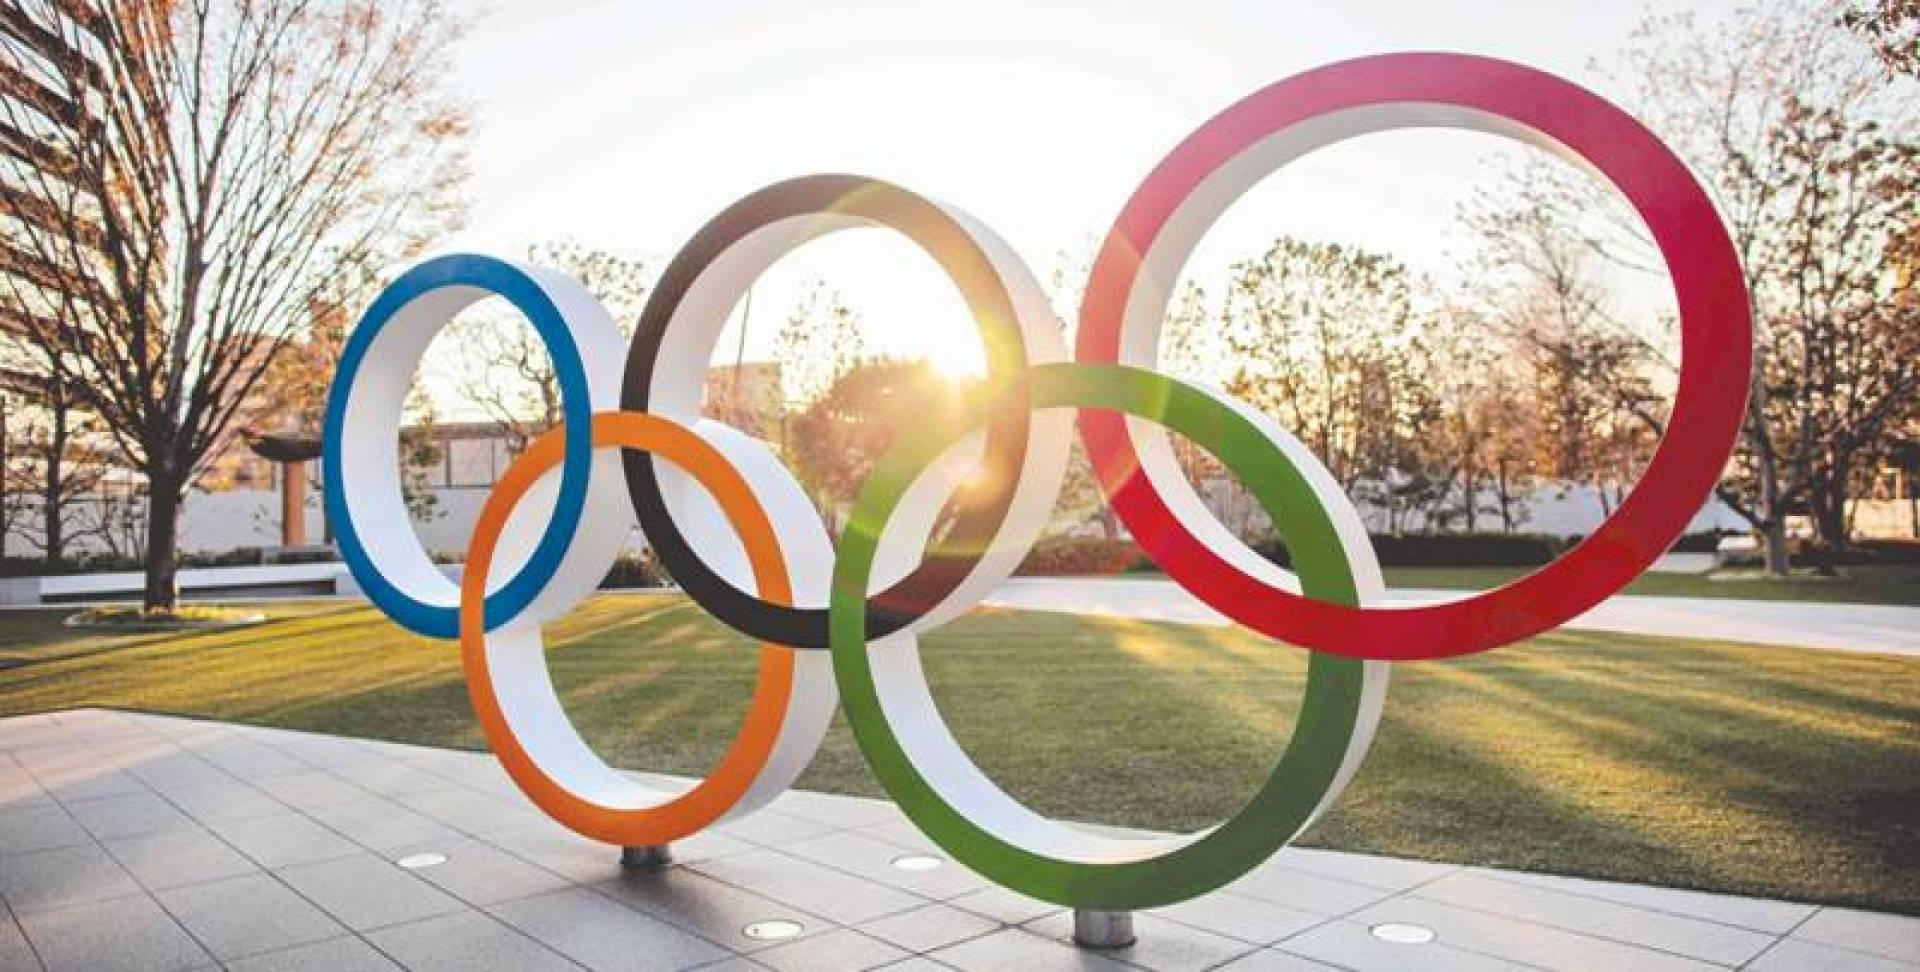 طوكيو تعيد جدولة الألعاب الأولمبية